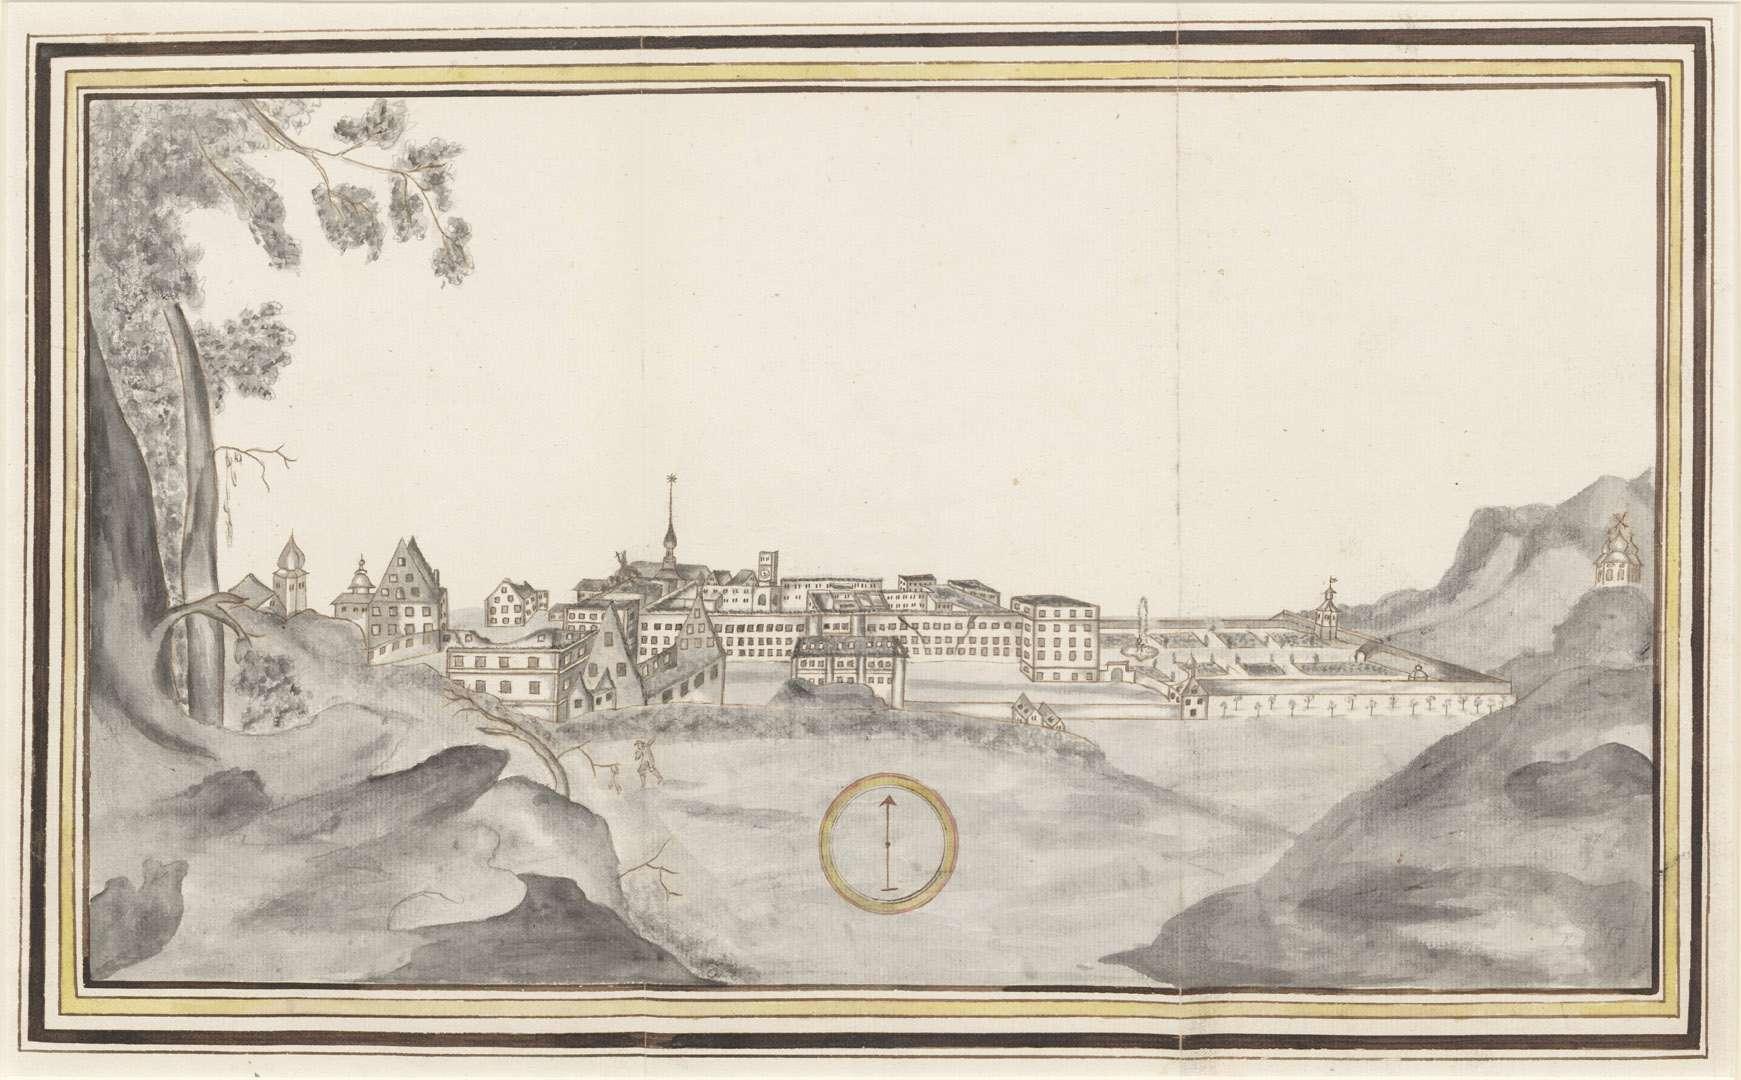 [Kloster St. Blasien nach dem Brand vom 23. Juli 1768], Bild 1